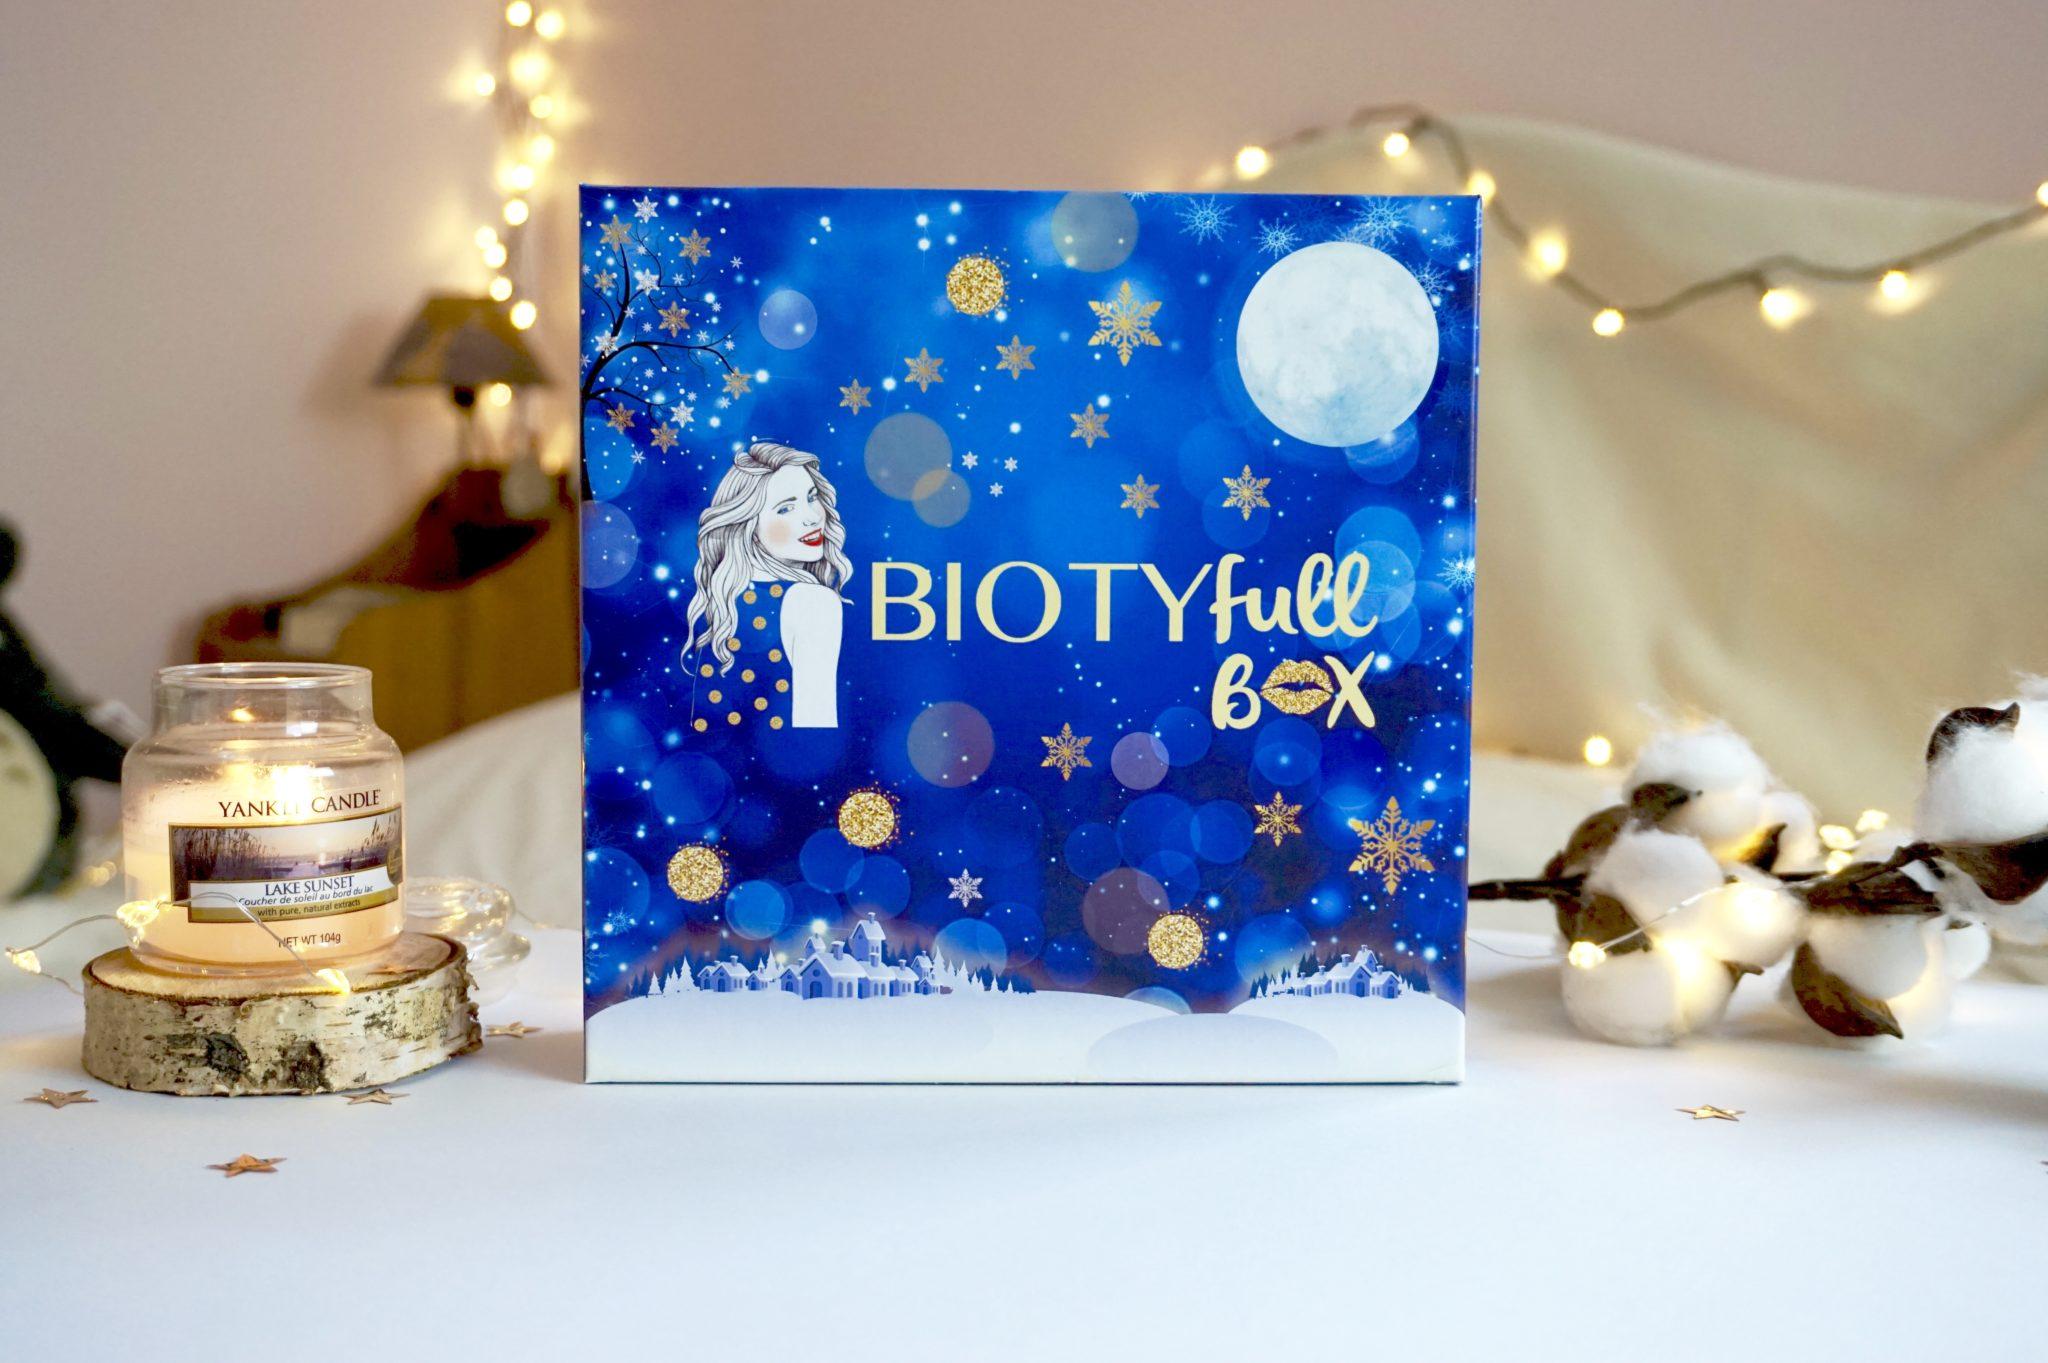 Biotyfull Box de décembre 2018 !